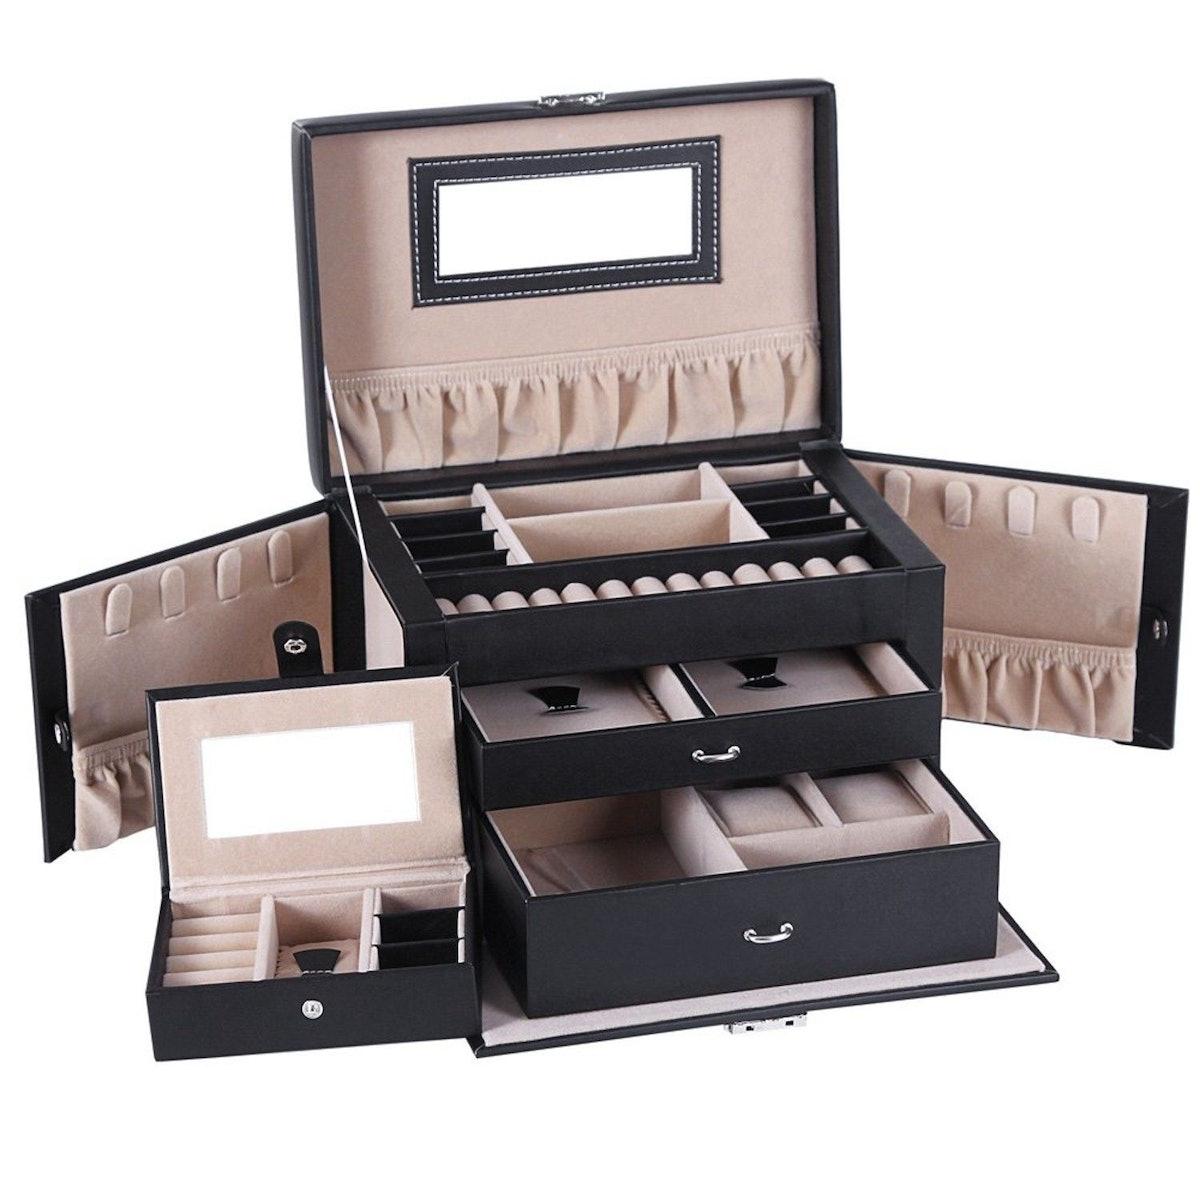 Organized Jewelry Box